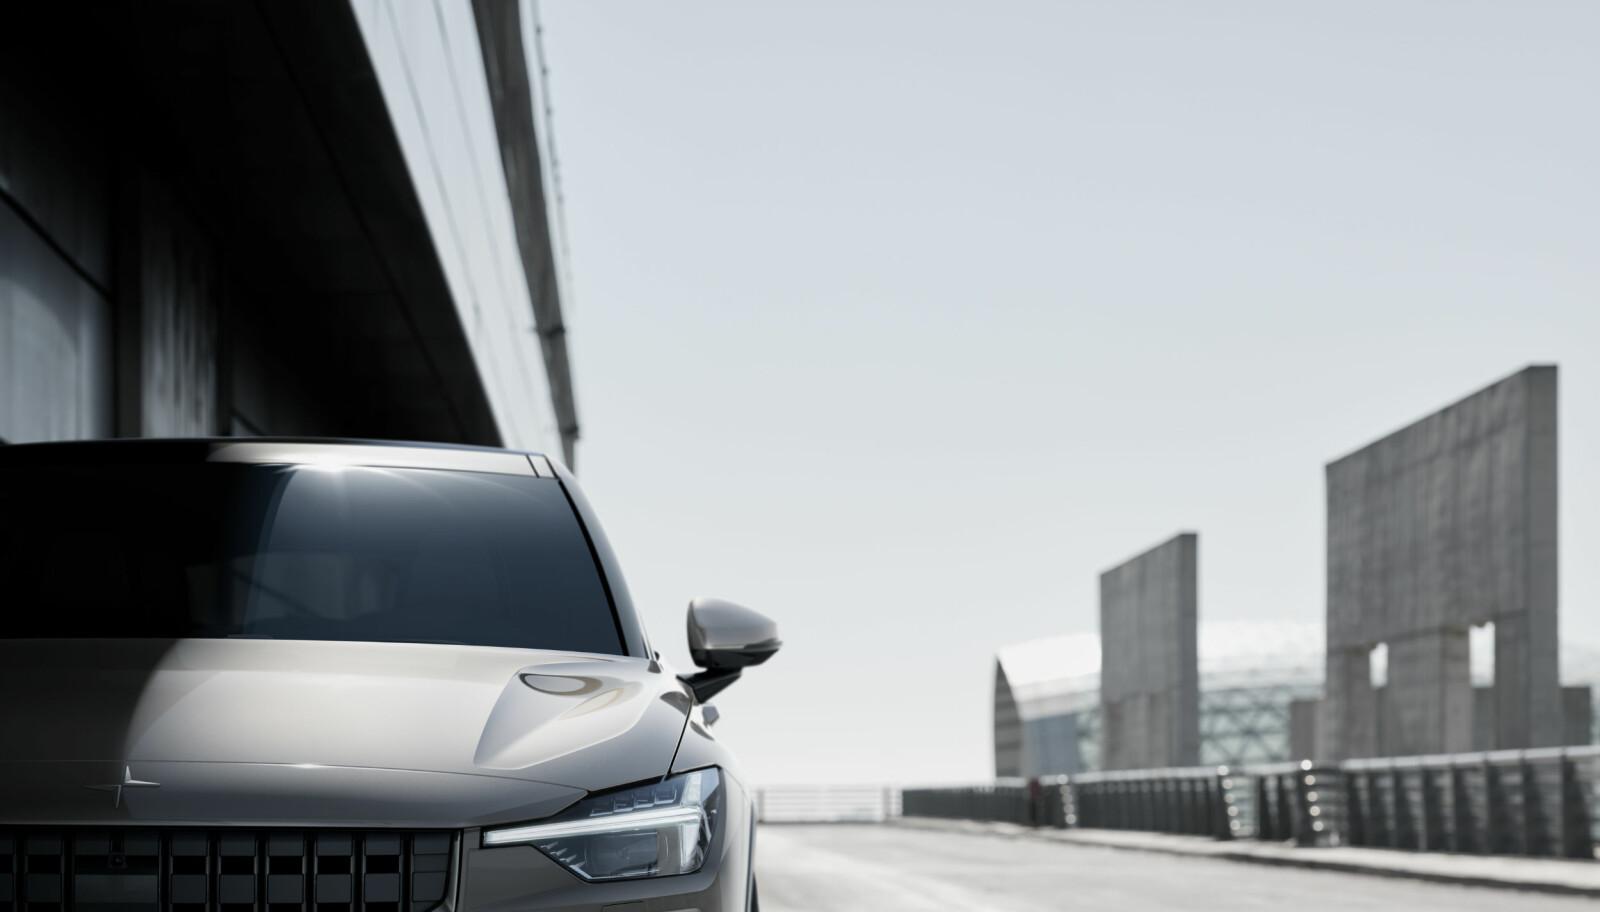 <b>POLESTAR 2:</b> Dette er bilen som blir Volvos første helelektriske bil.